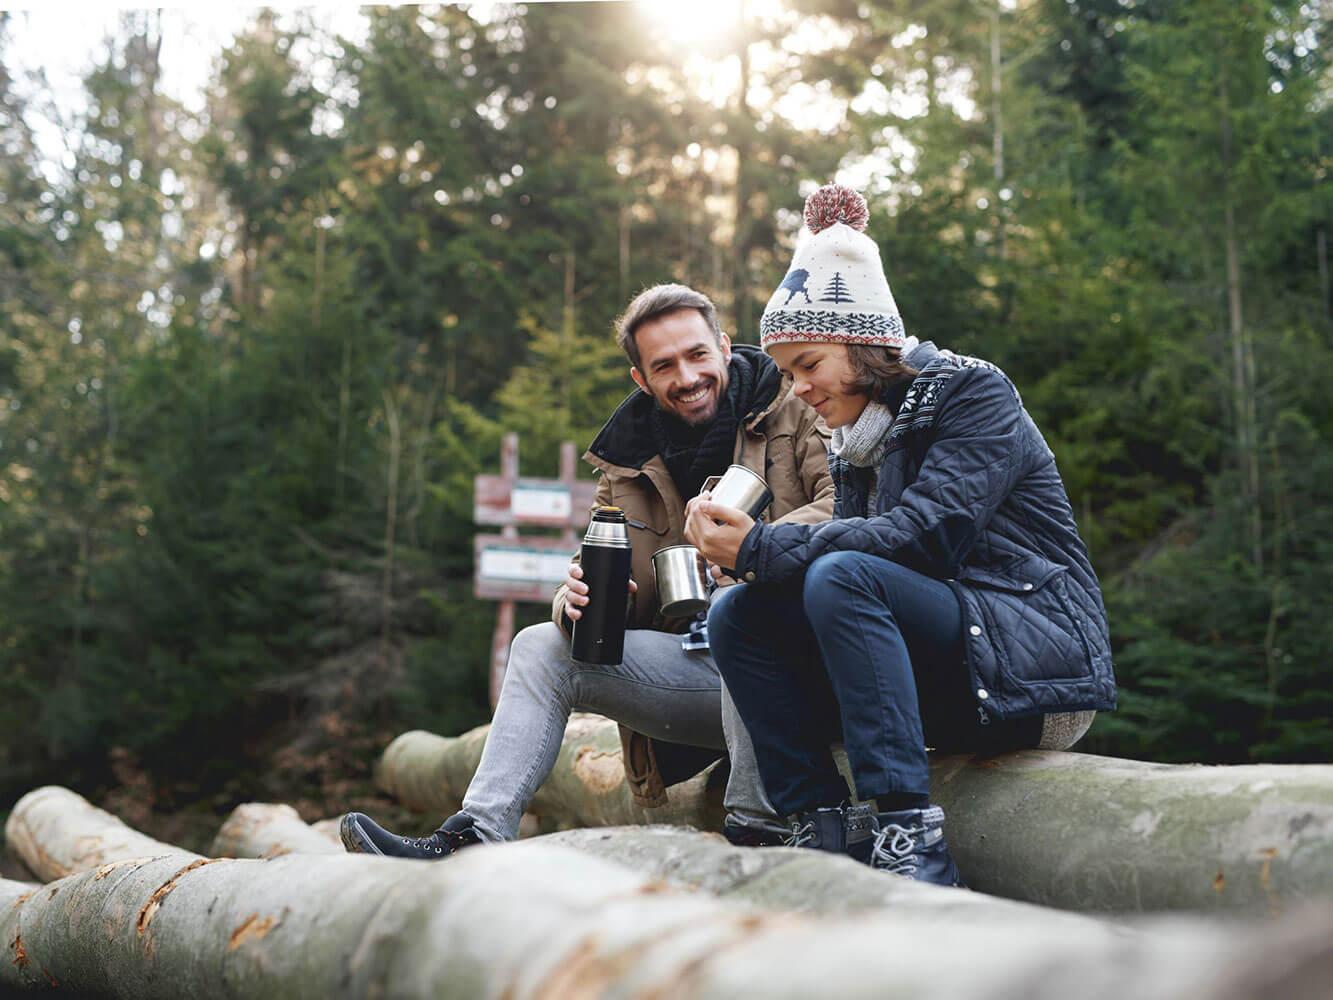 Vater und Sohn im Wald beim Teetrinken